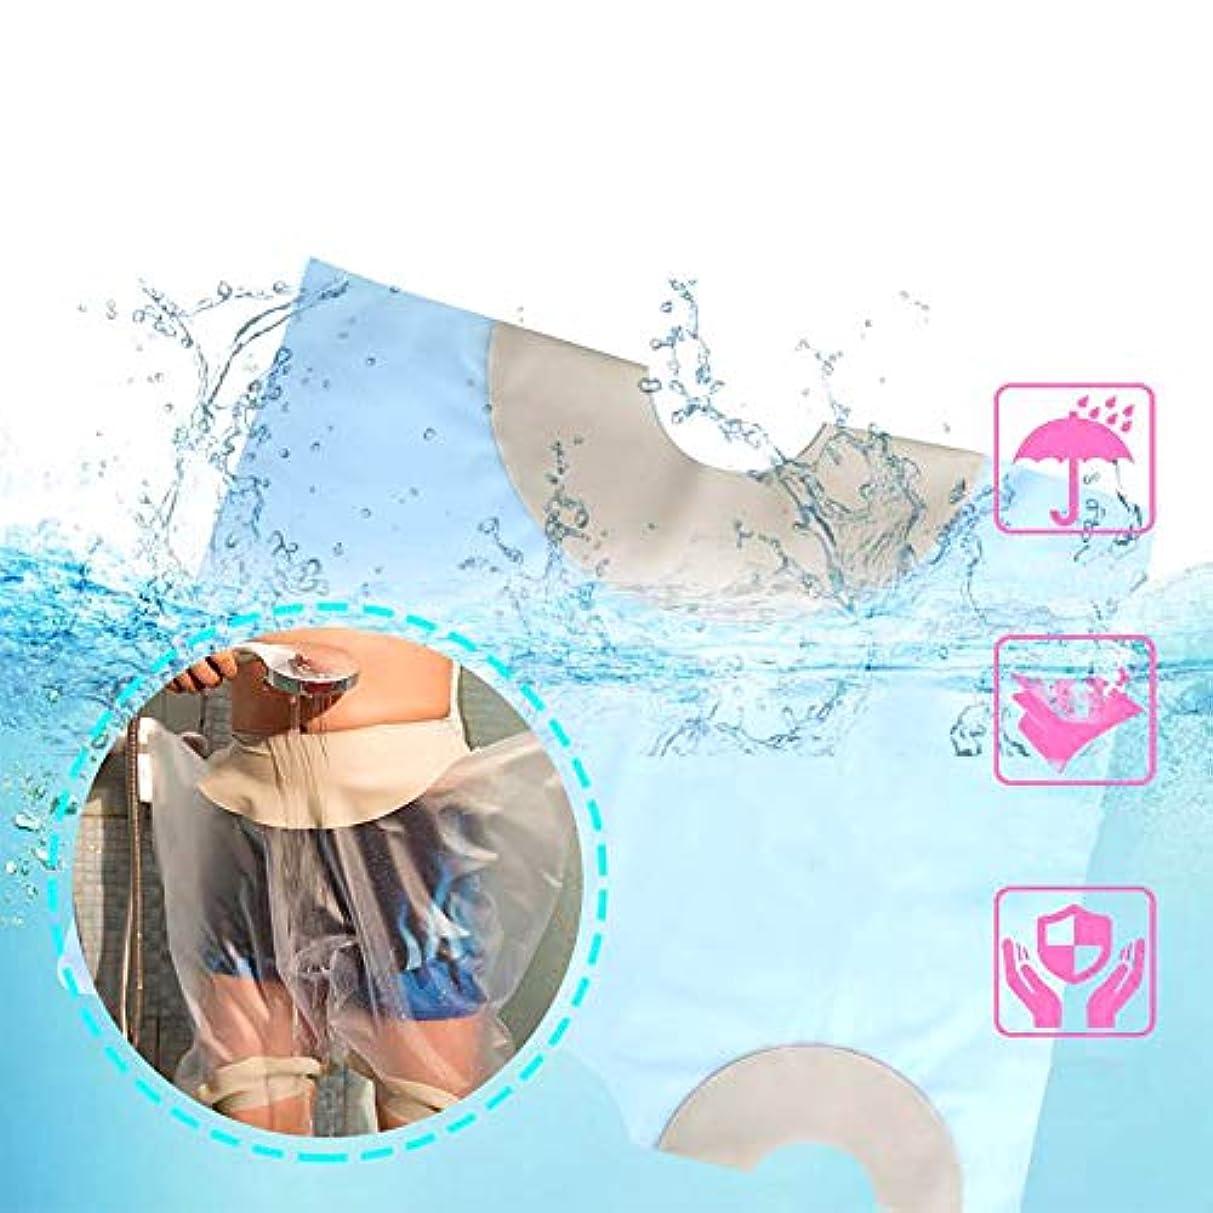 無駄な修羅場マンモス防水キャストバッグ包帯プロテクター防水大人のプラスチック製の保護ドライバッグ防水、耐、水中シール,M